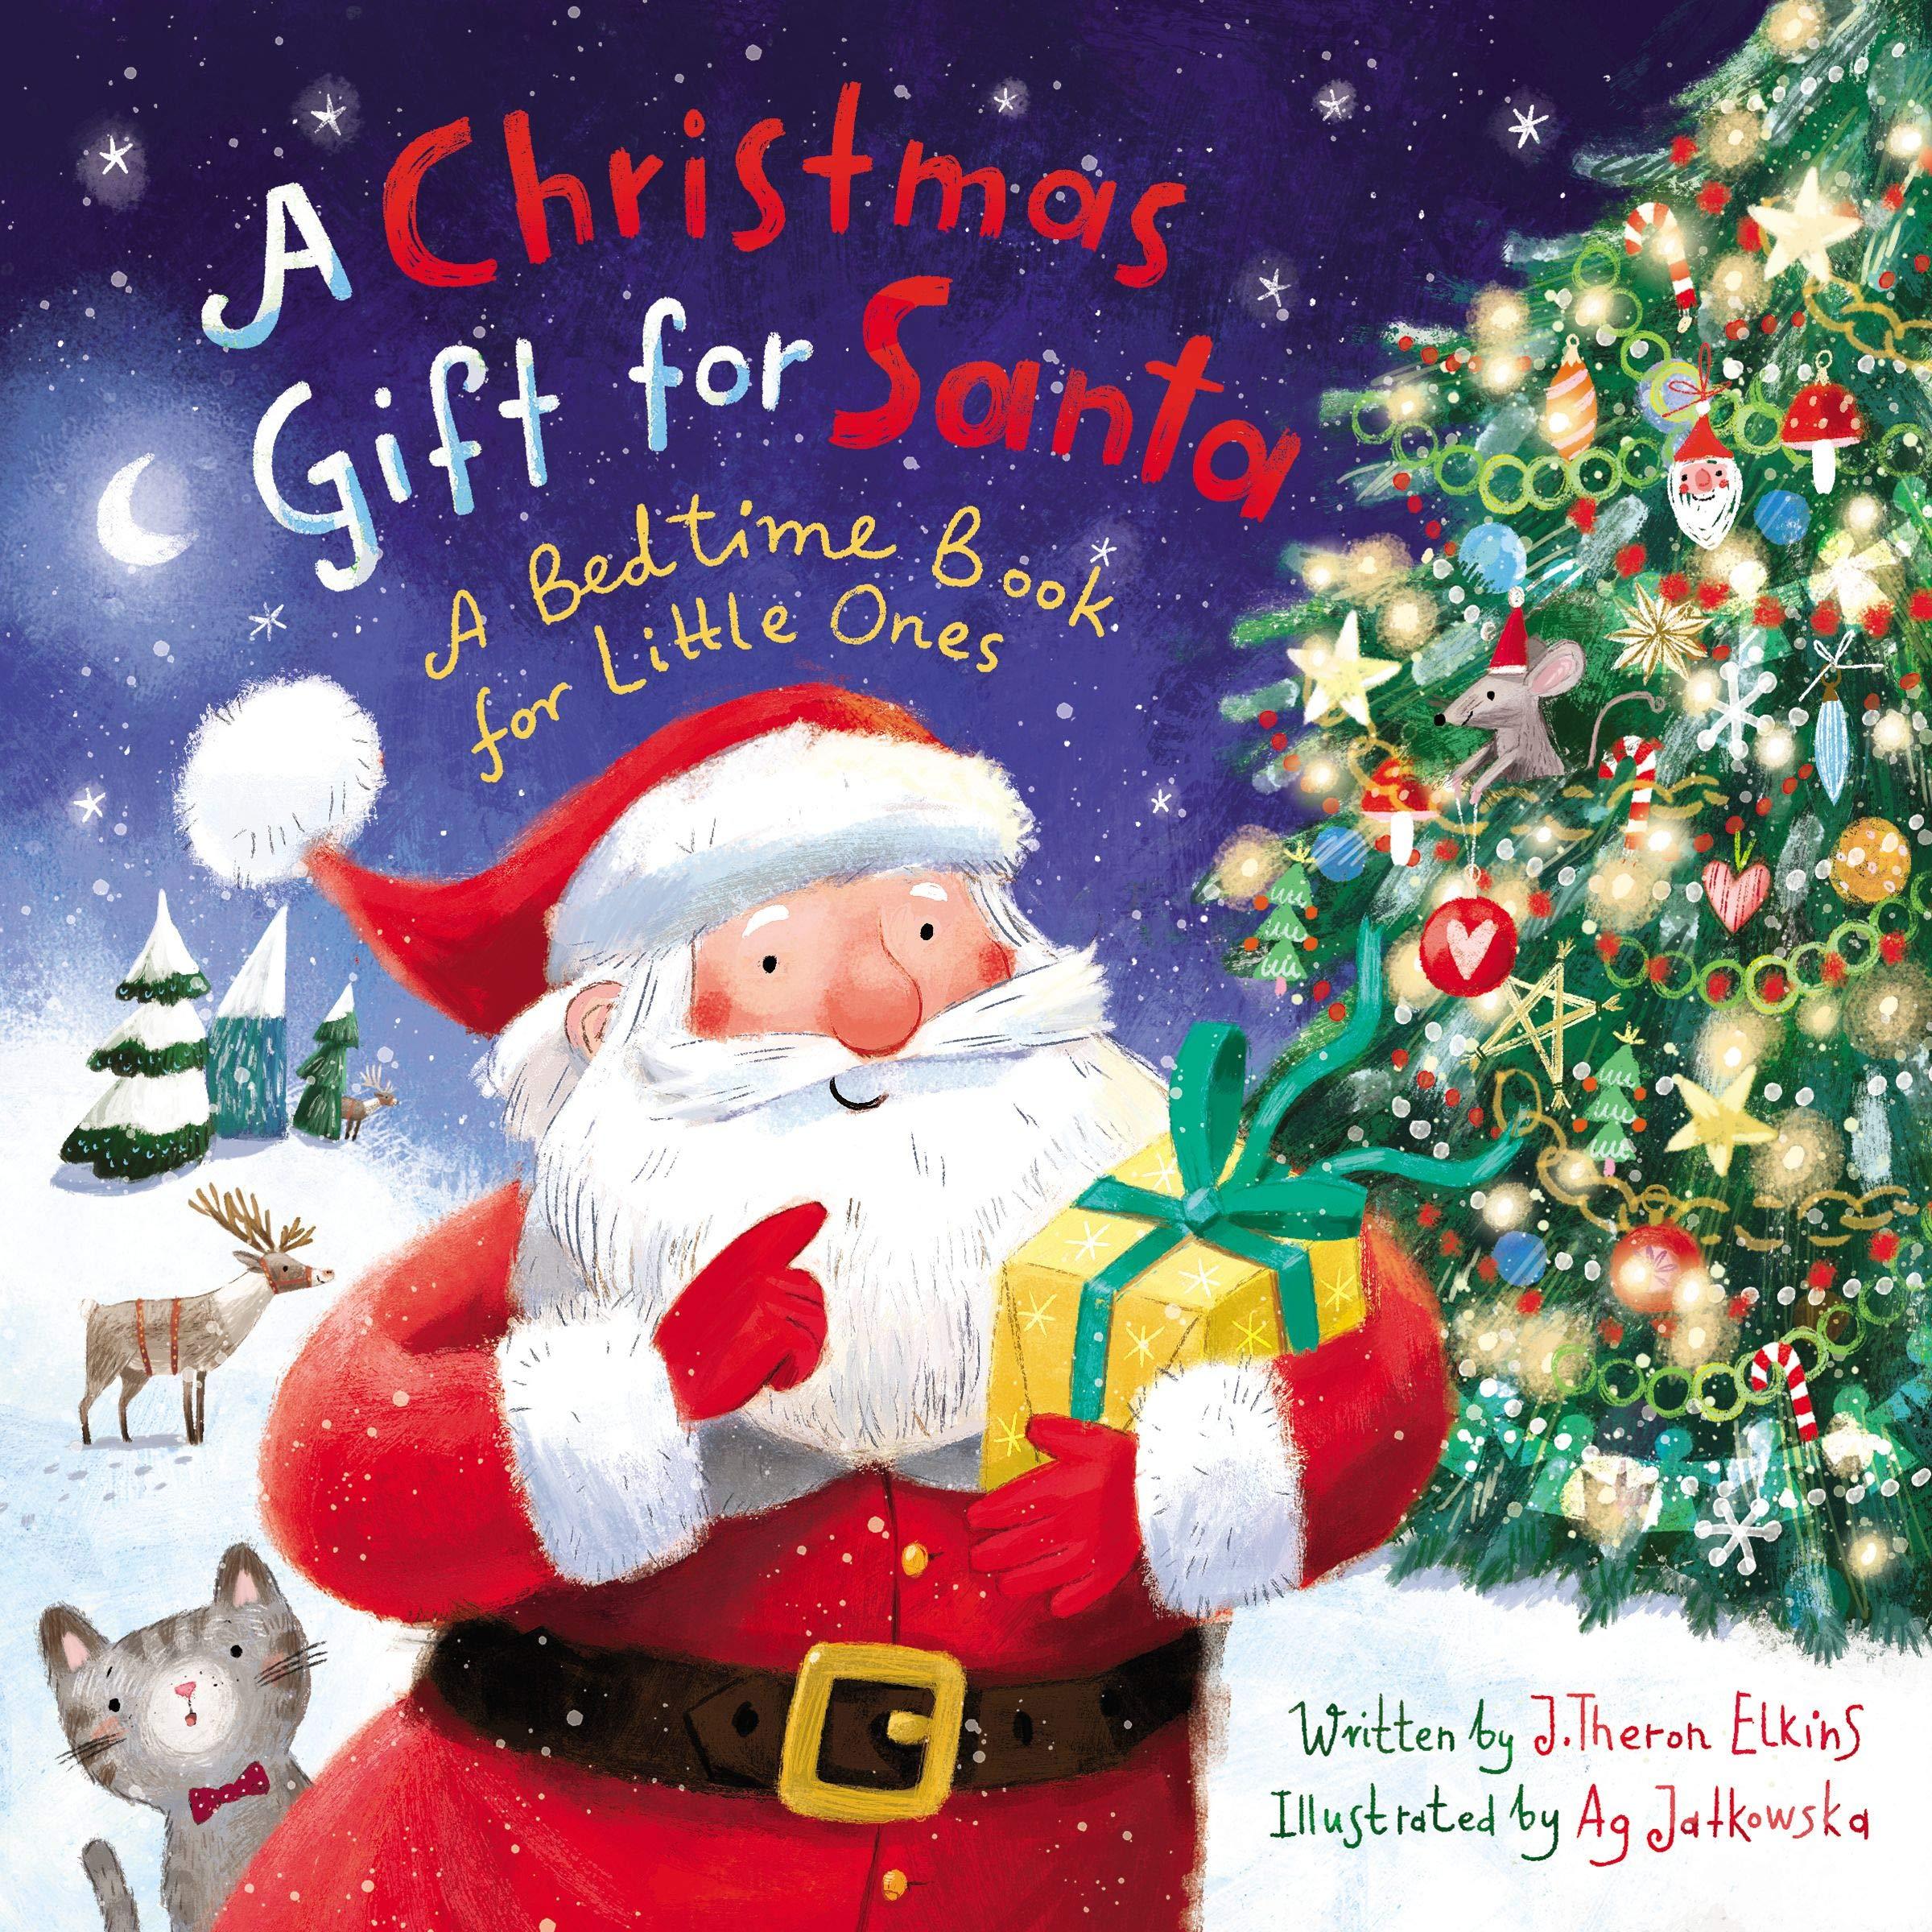 Amazon Com A Christmas Gift For Santa A Bedtime Book For Little Ones 0025986764432 Elkins John T Jatkowska Ag Books